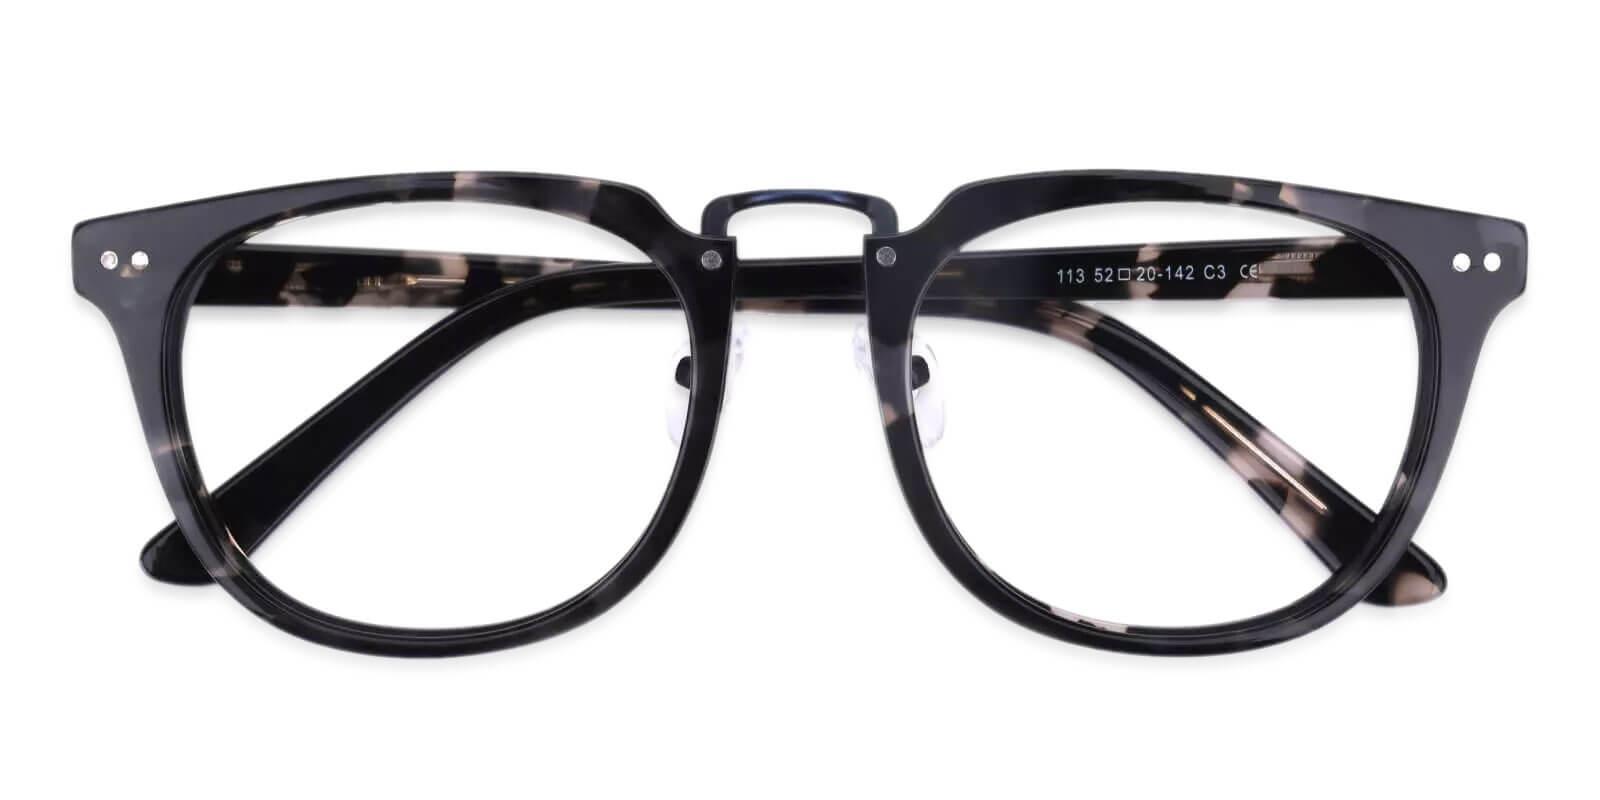 Latrobe Pattern Acetate Eyeglasses , NosePads Frames from ABBE Glasses